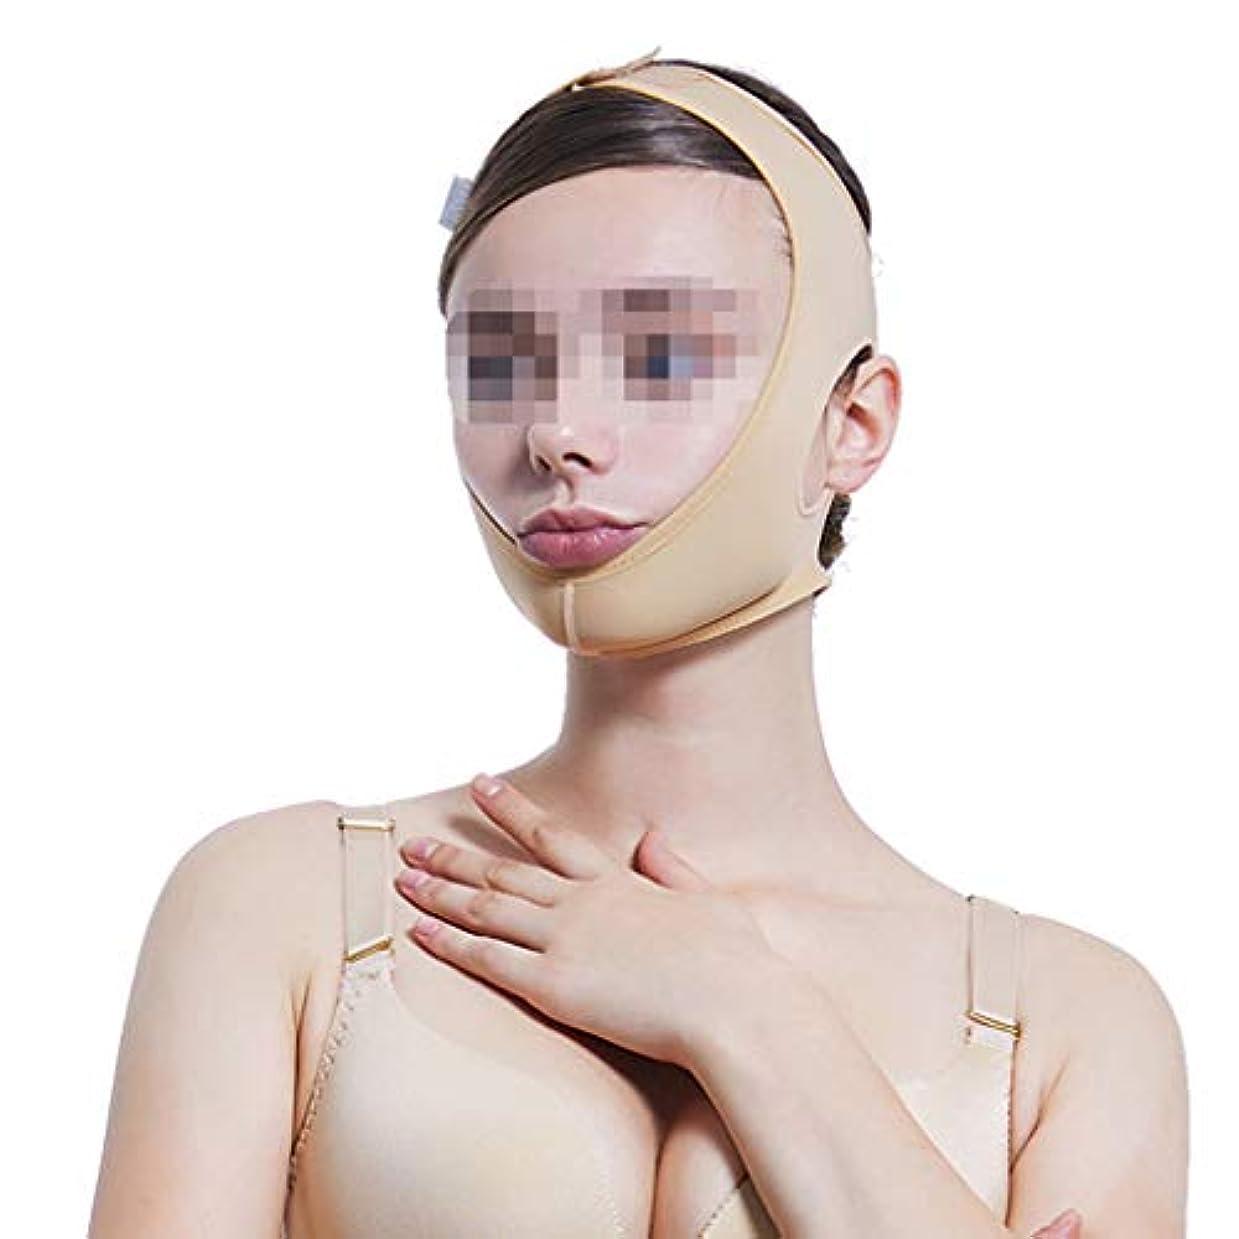 規範枯渇征服XHLMRMJ ビームフェイス弾性ヘッドギア、二重あごの顎セットにマスクの後に線彫り薄いフェイス包帯マルチサイズオプション (Size : XXL)